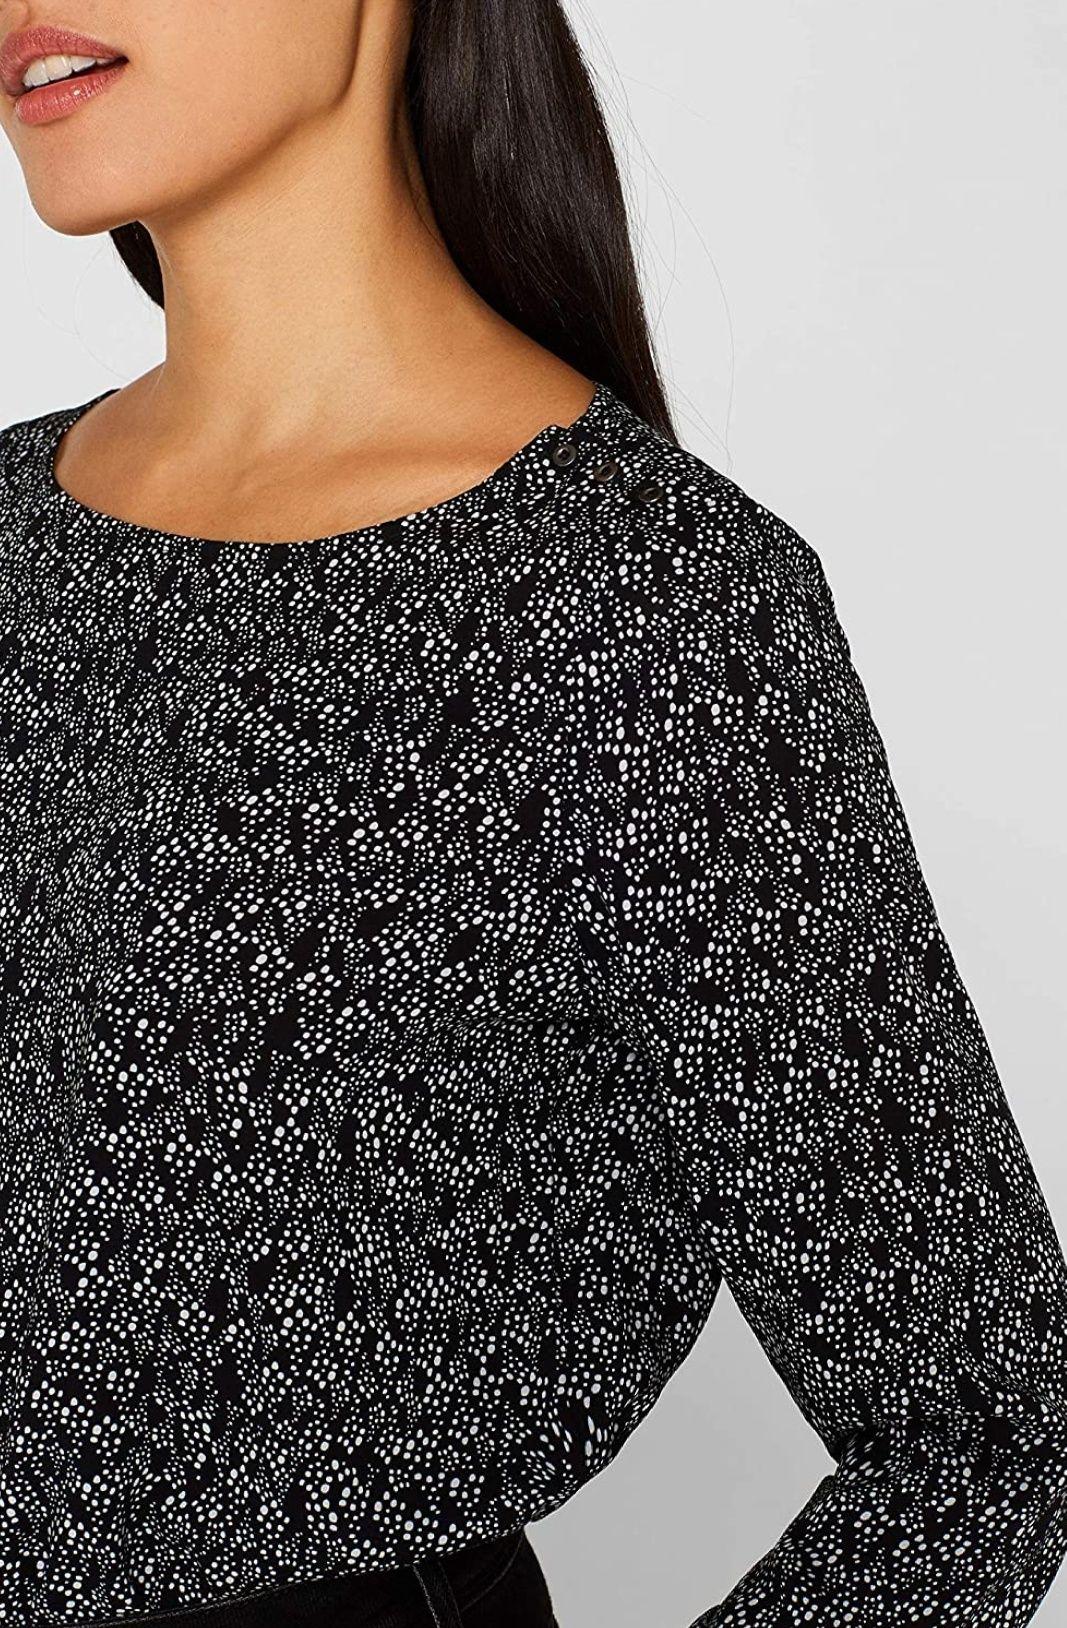 Esprit dames bloes @ amazon.nl